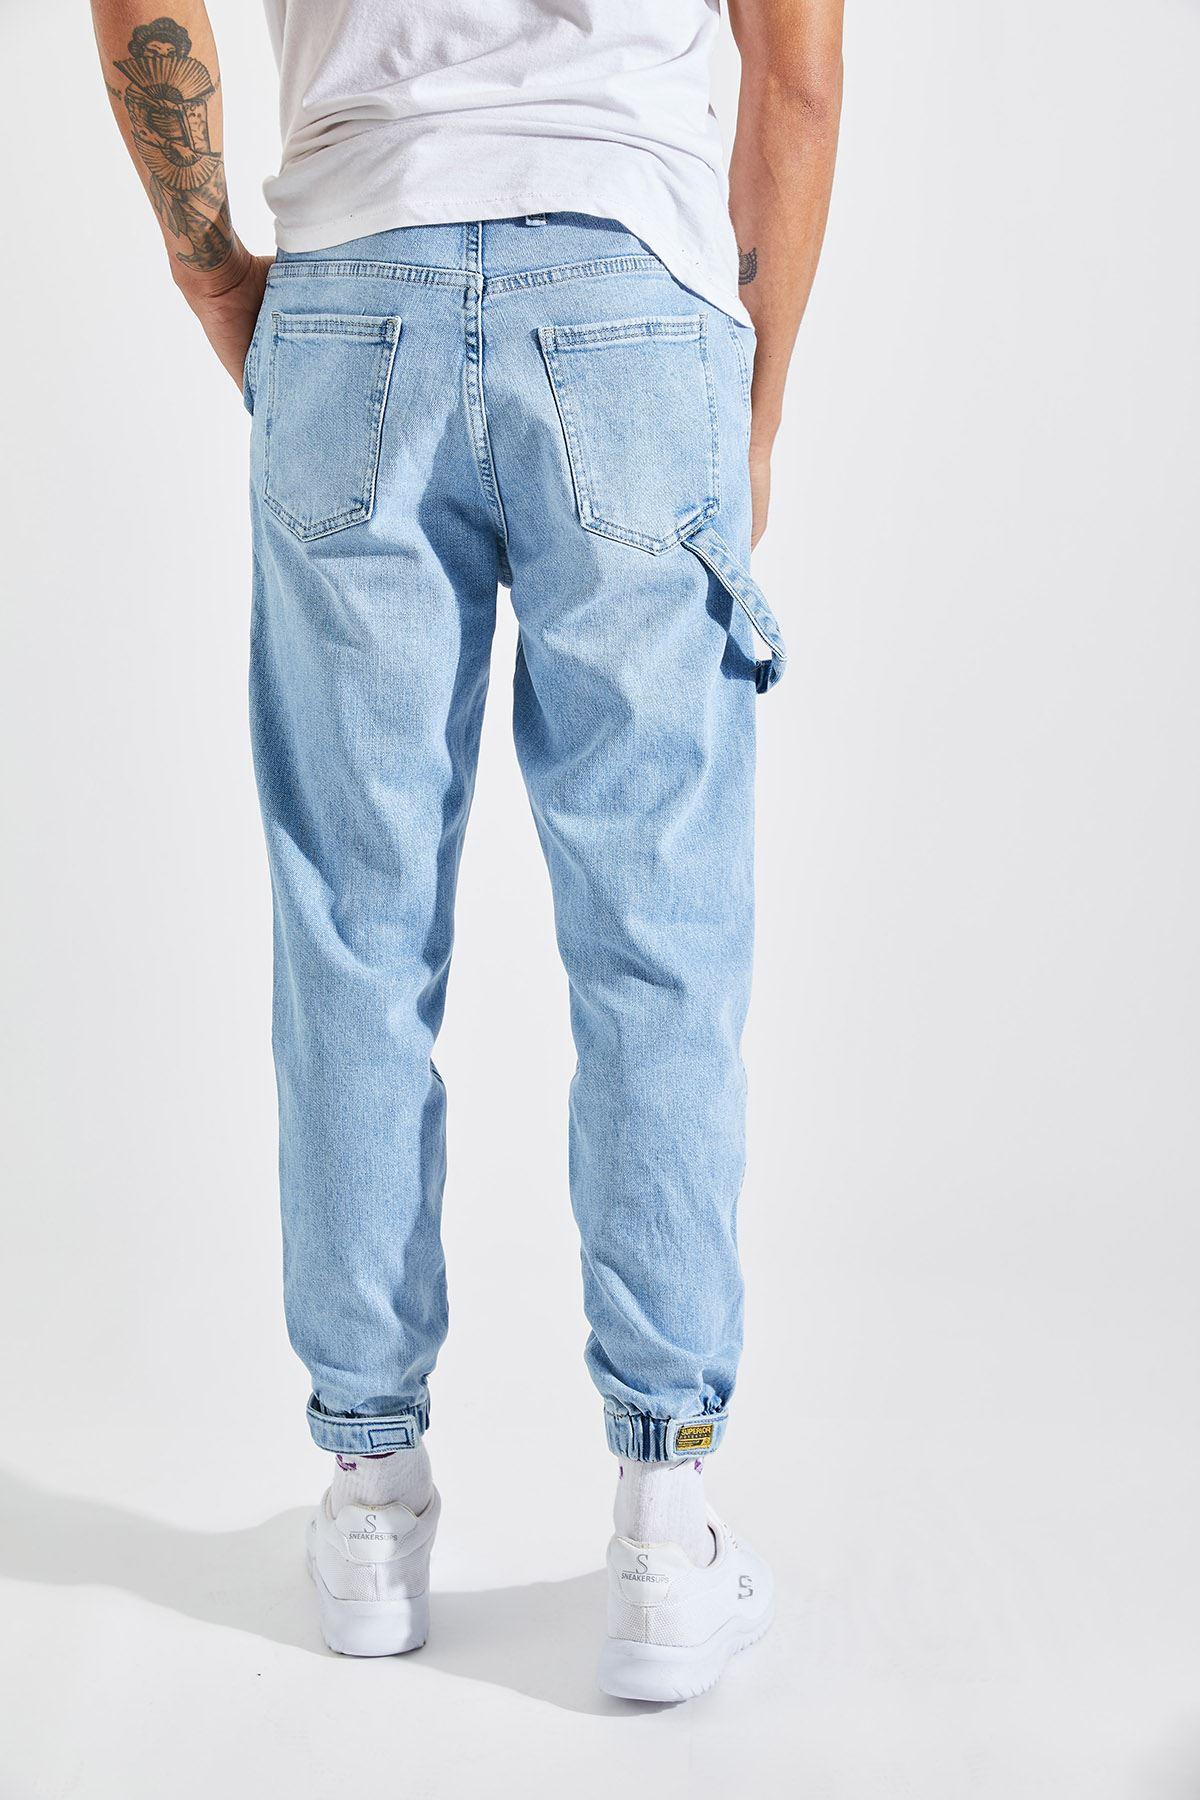 Erkek Lazer Tırnaklı Lastik Paça Mavi Kot Pantolon